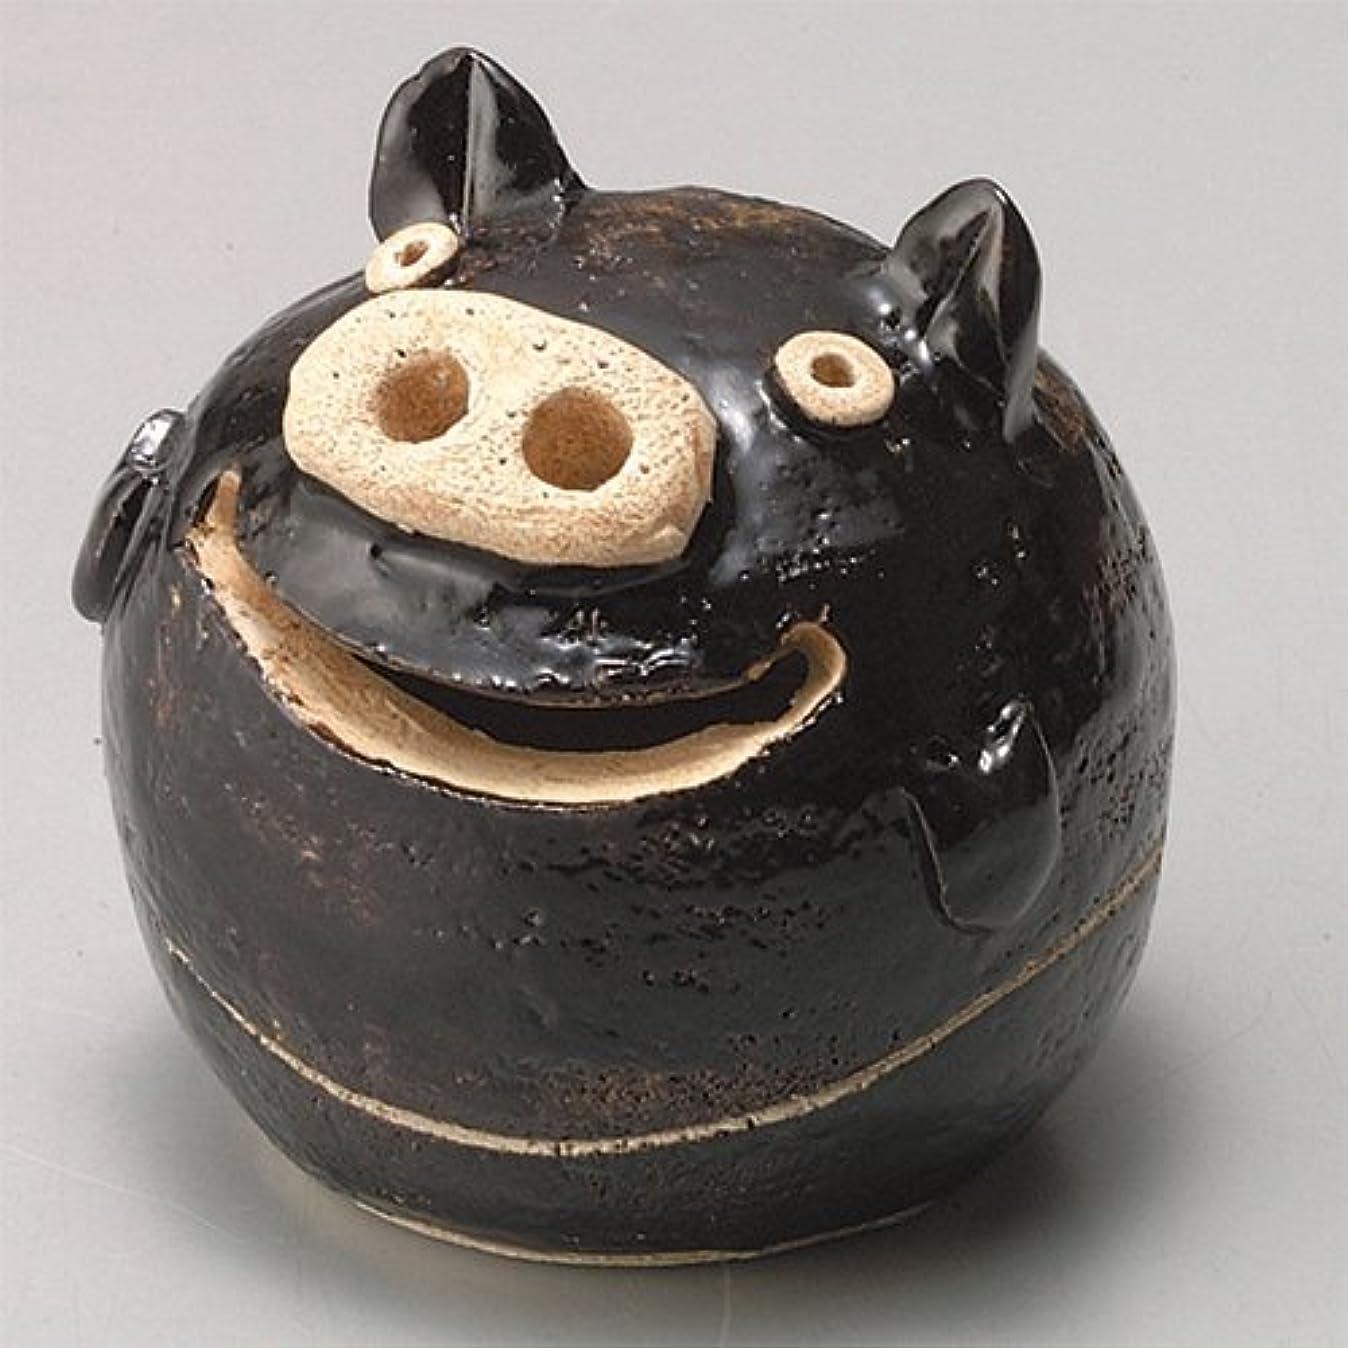 村びっくりスペイン語香炉 ぶた君 香炉(黒) [H9cm] HANDMADE プレゼント ギフト 和食器 かわいい インテリア